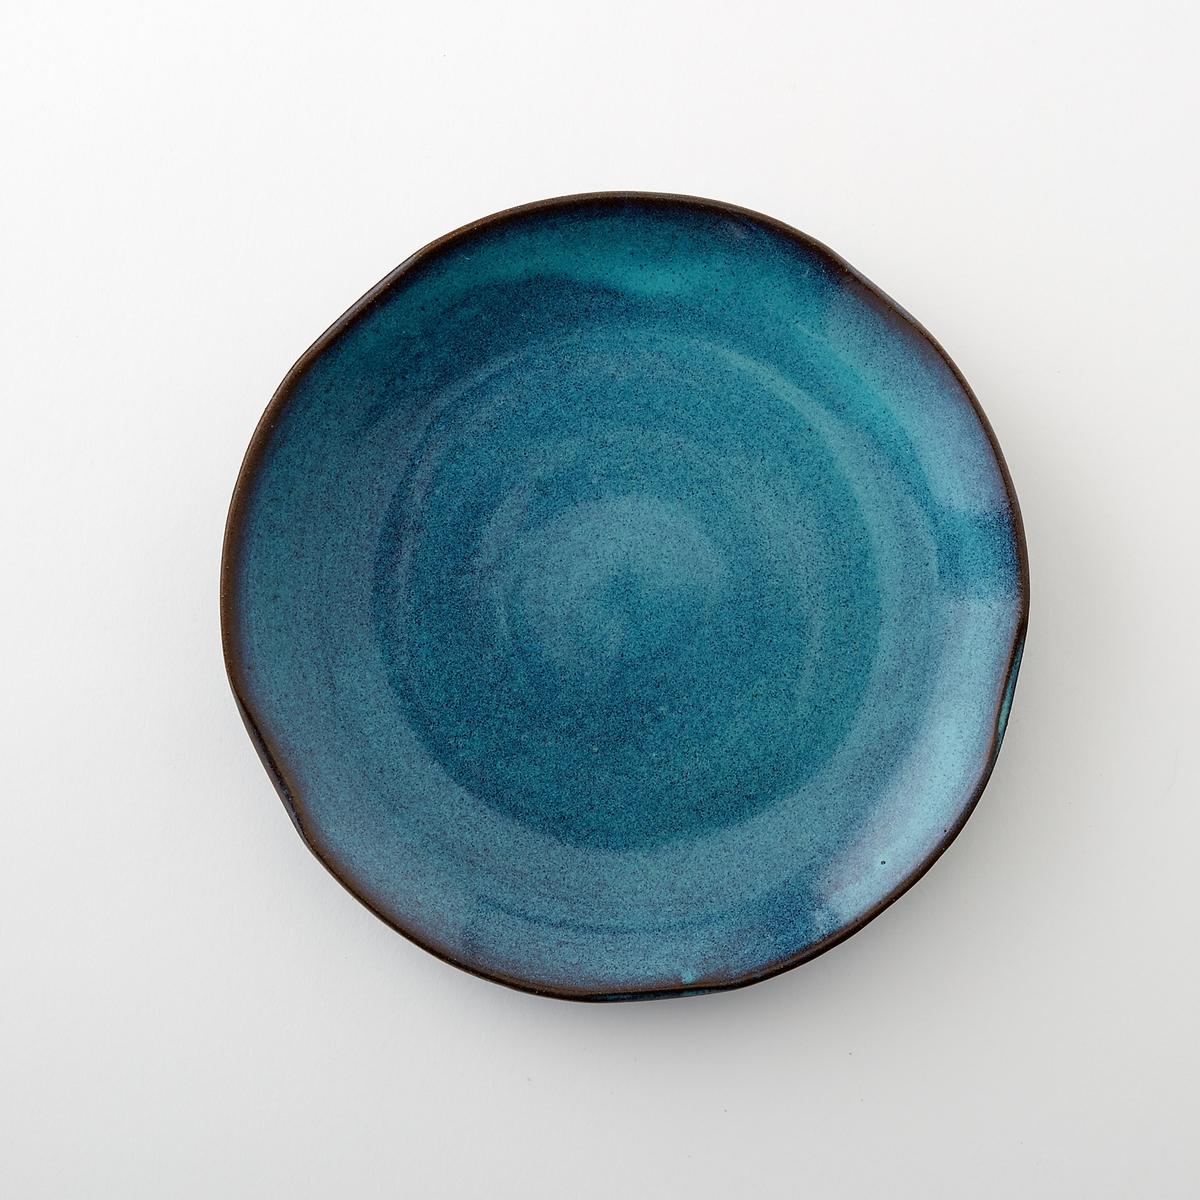 Тарелка десертная из керамики, диаметр 22 см, Aqua от SeraxДесертная тарелка Aqua от Serax. Новый керамический сервиз Aqua ручной работы преобразит Ваш праздничный стол. Тарелки синеватых тонов придают ощущение прохлады в летние месяцы.Характеристики : - Из керамики, покрытой глазурью. - Можно использовать в посудомоечных машинах и микроволновых печах- Вся коллекция Aqua на сайте ampm.ruРазмеры  : - диаметр 22 x высота 3 см.<br><br>Цвет: зеленый<br>Размер: единый размер